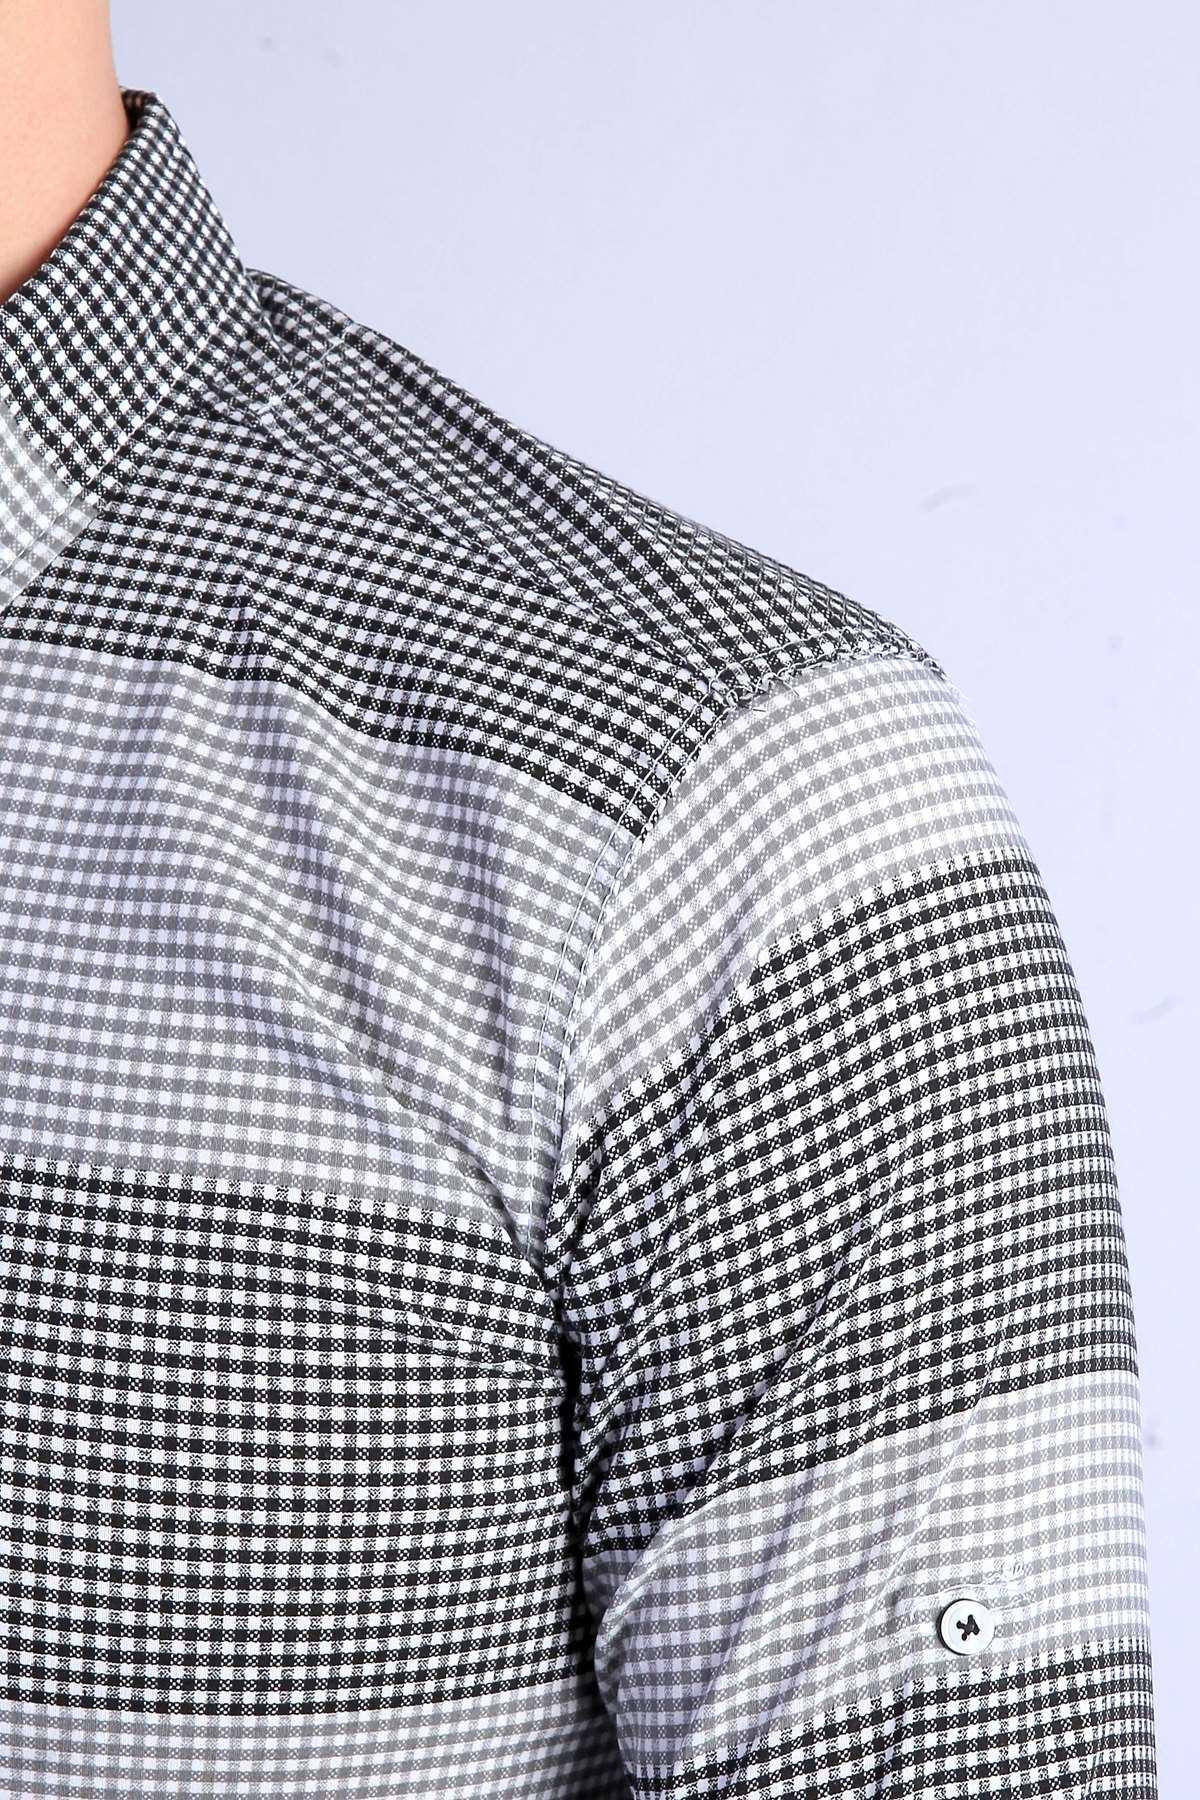 Küçük Kare Desenli Yaka Düğmeli Slim Fit Gömlek Siyah